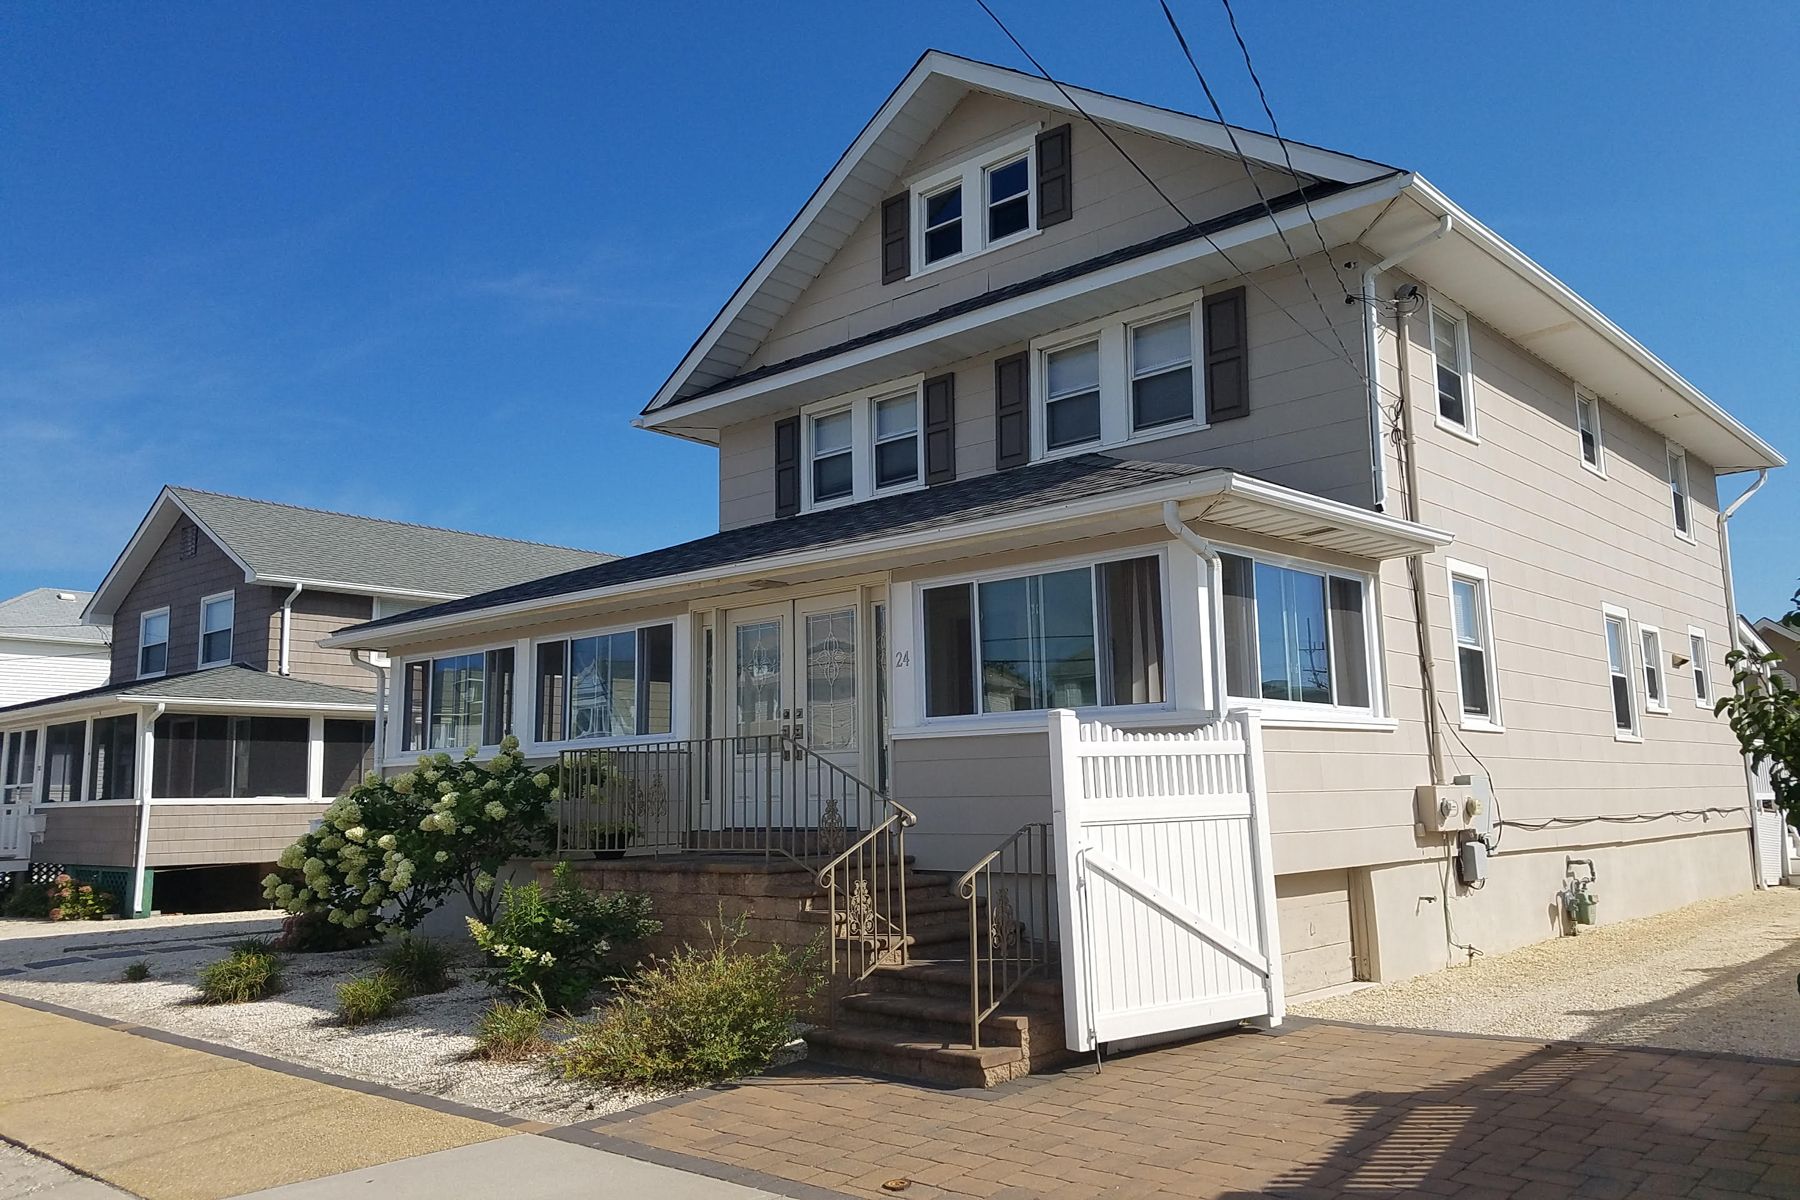 独户住宅 为 销售 在 Distinguished Classic Oceanblock Shore Colonial 24 Reese Avene Lavallette, 新泽西州 08735 美国